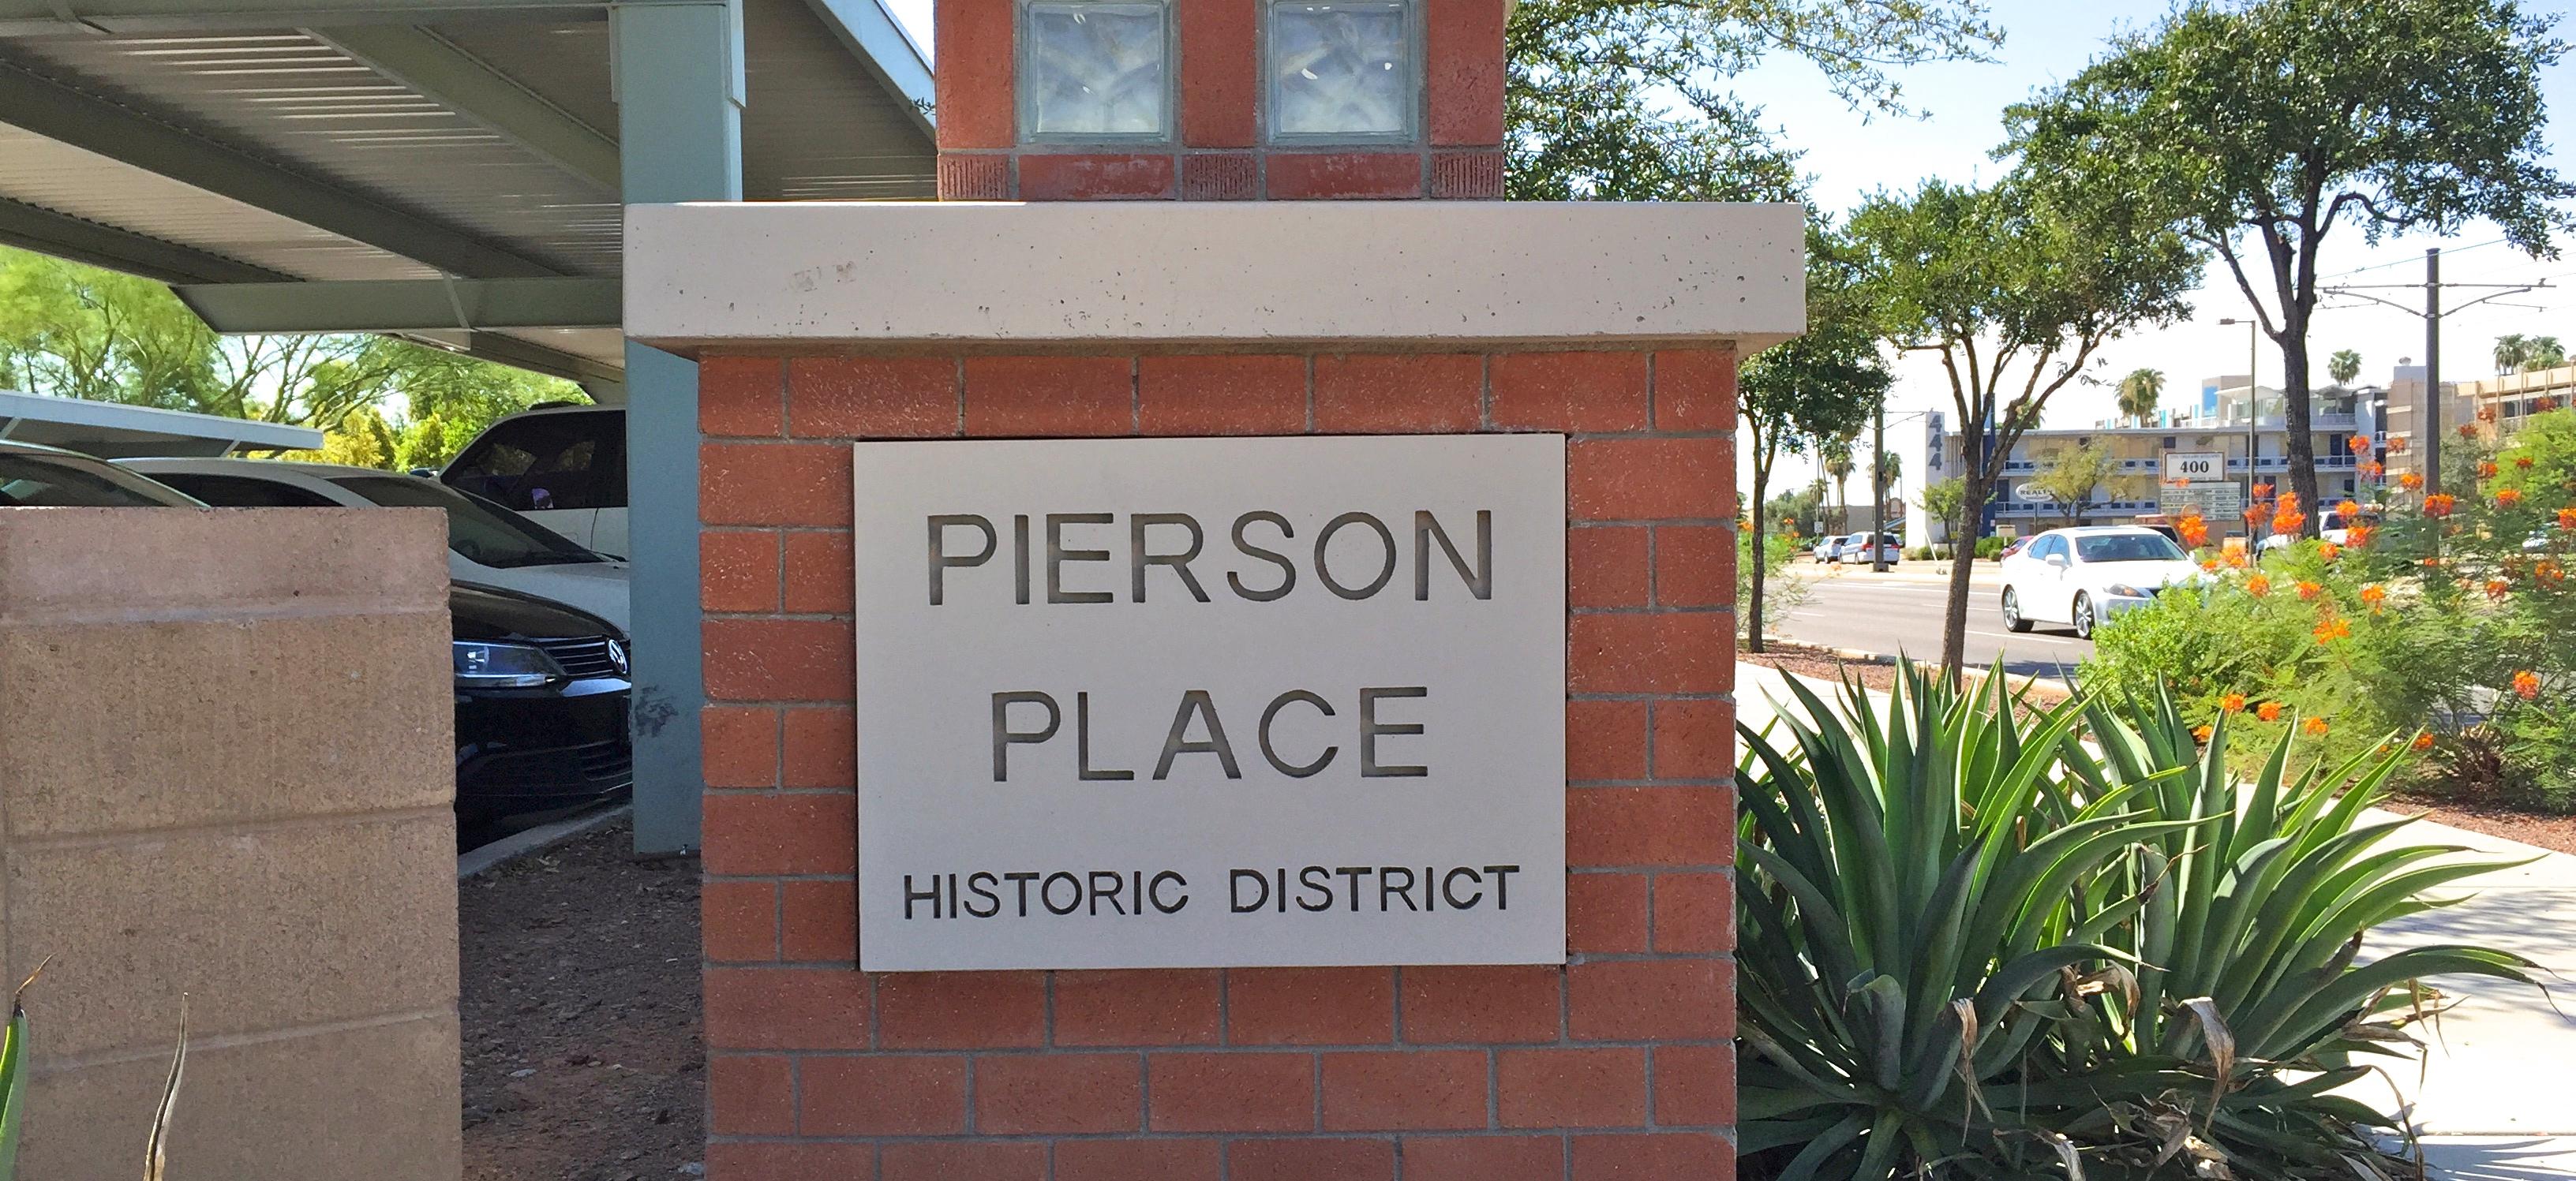 605 W Pierson St, Phoenix, AZ 85013 | Vestis Group